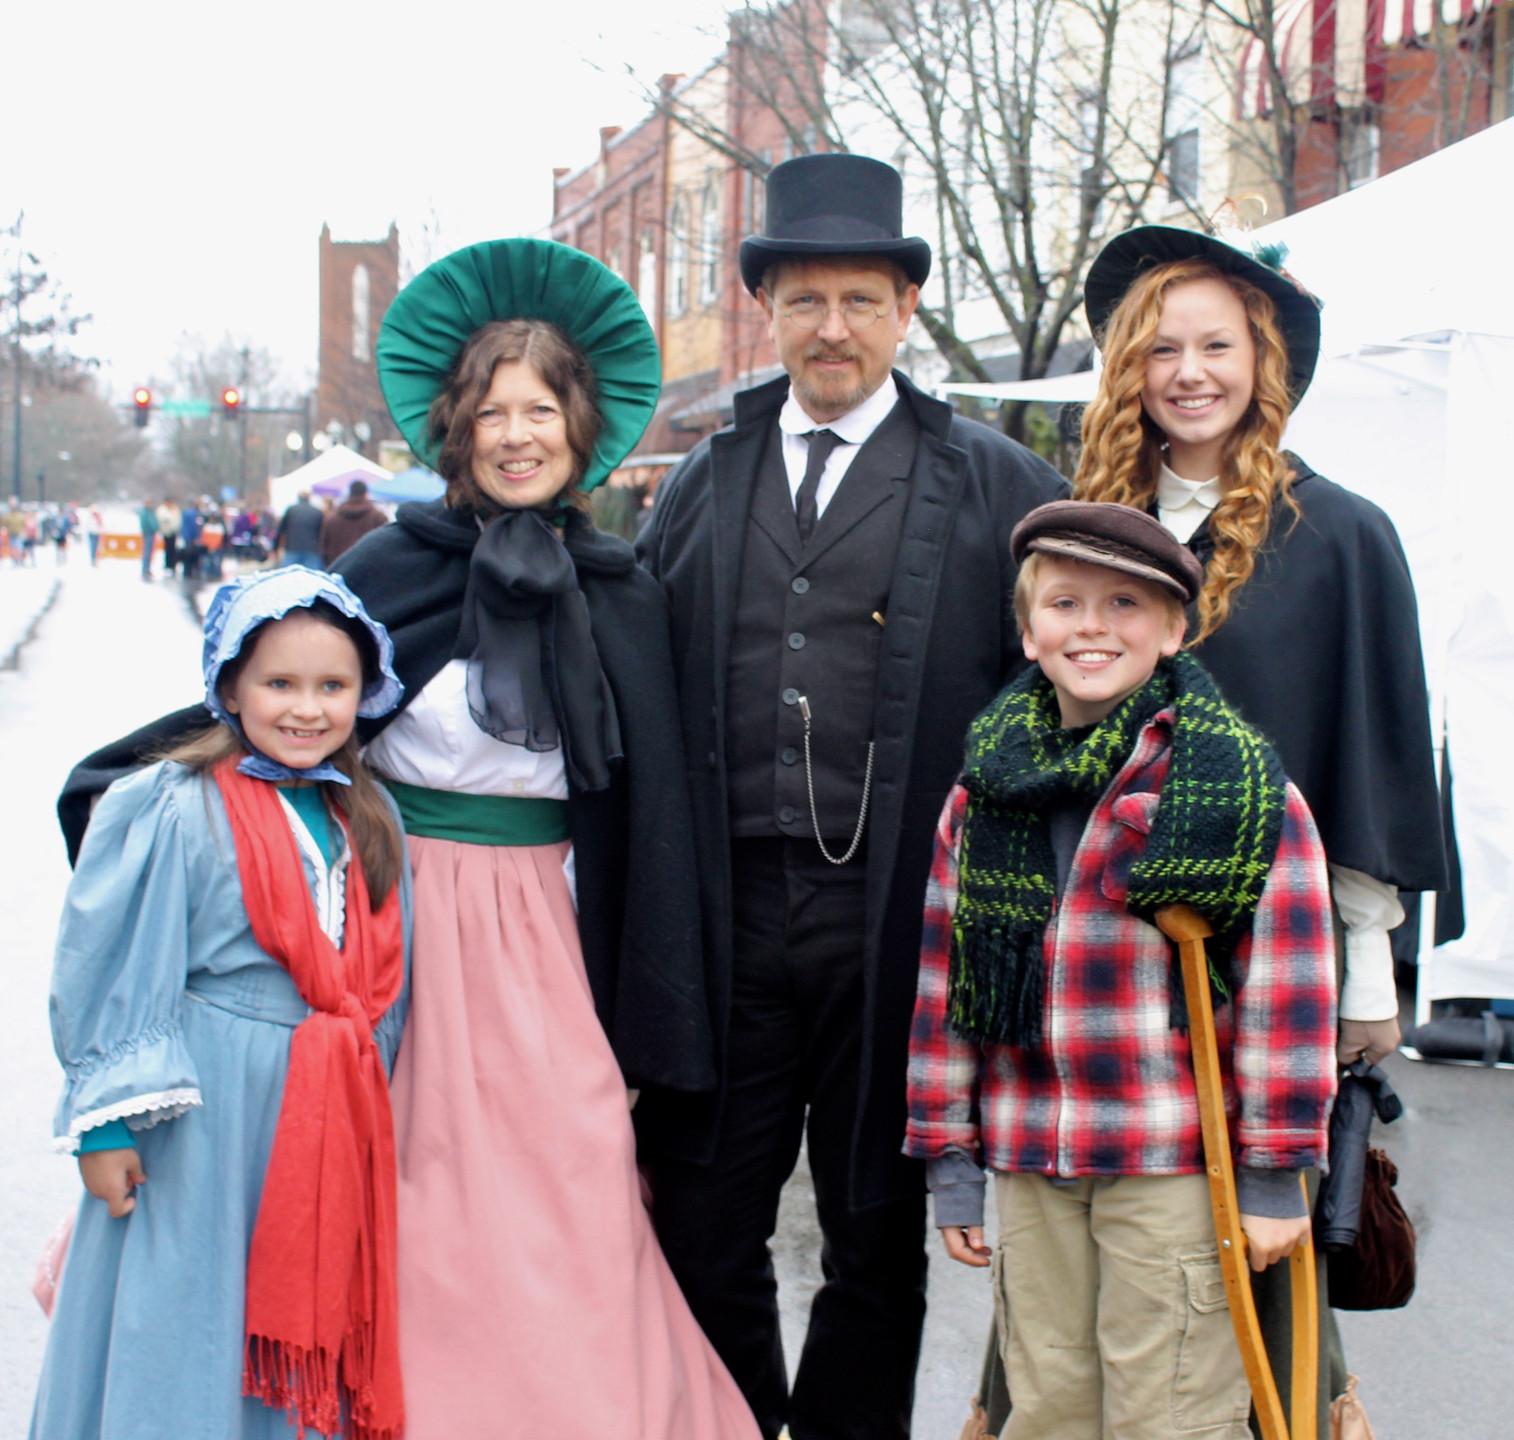 Costumed attendees spread joy